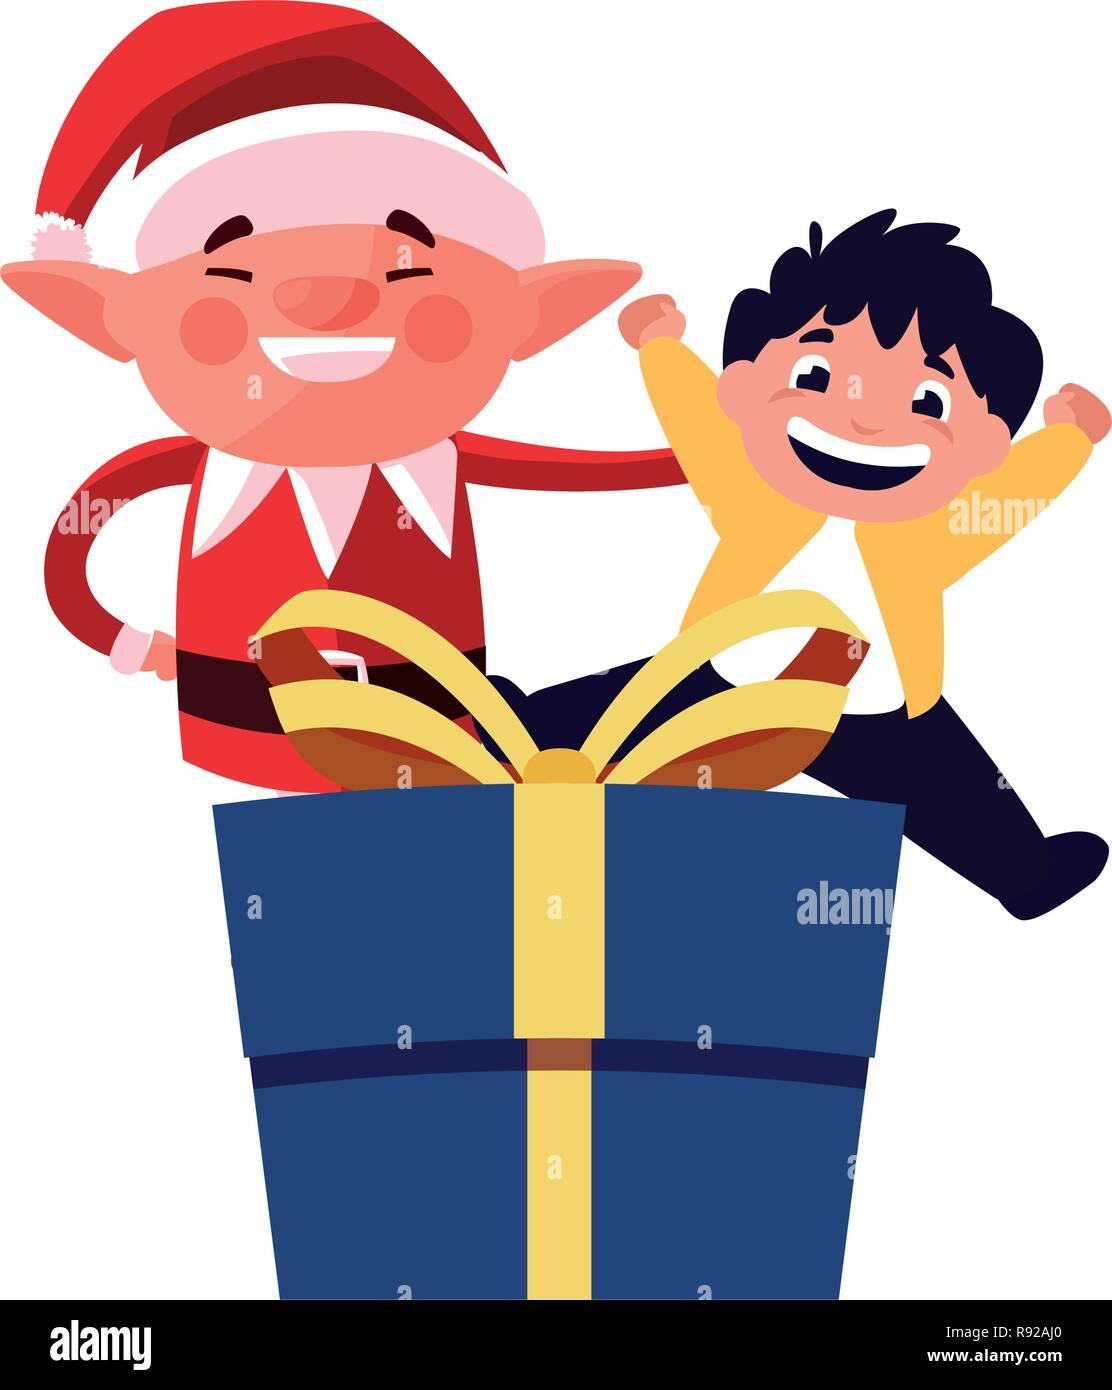 4f8fd005d Duende navideño con chico y don ilustración vectorial Imagen De Stock